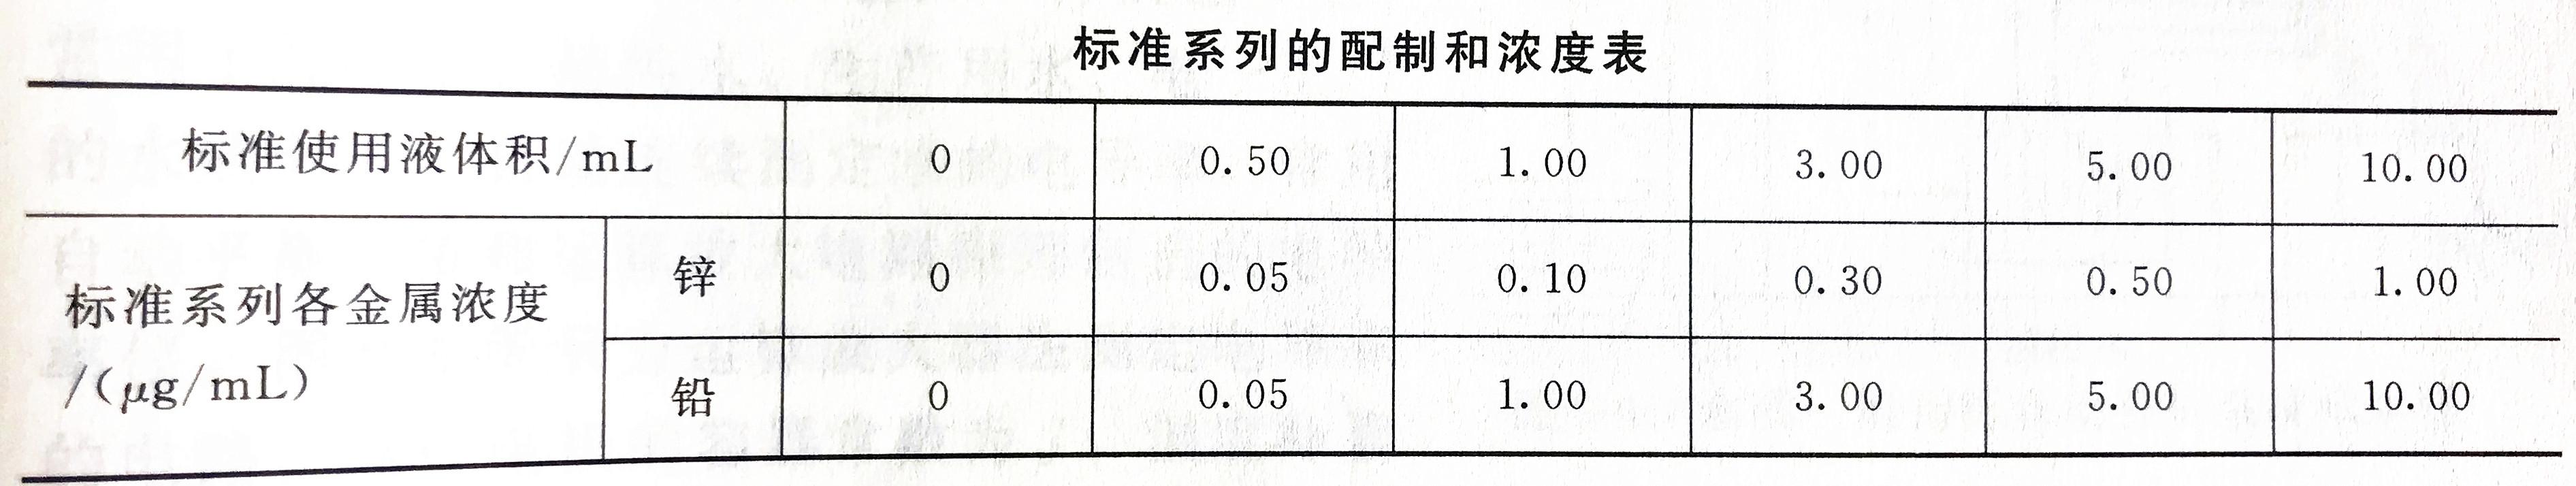 锌铅标准溶液浓度配置表